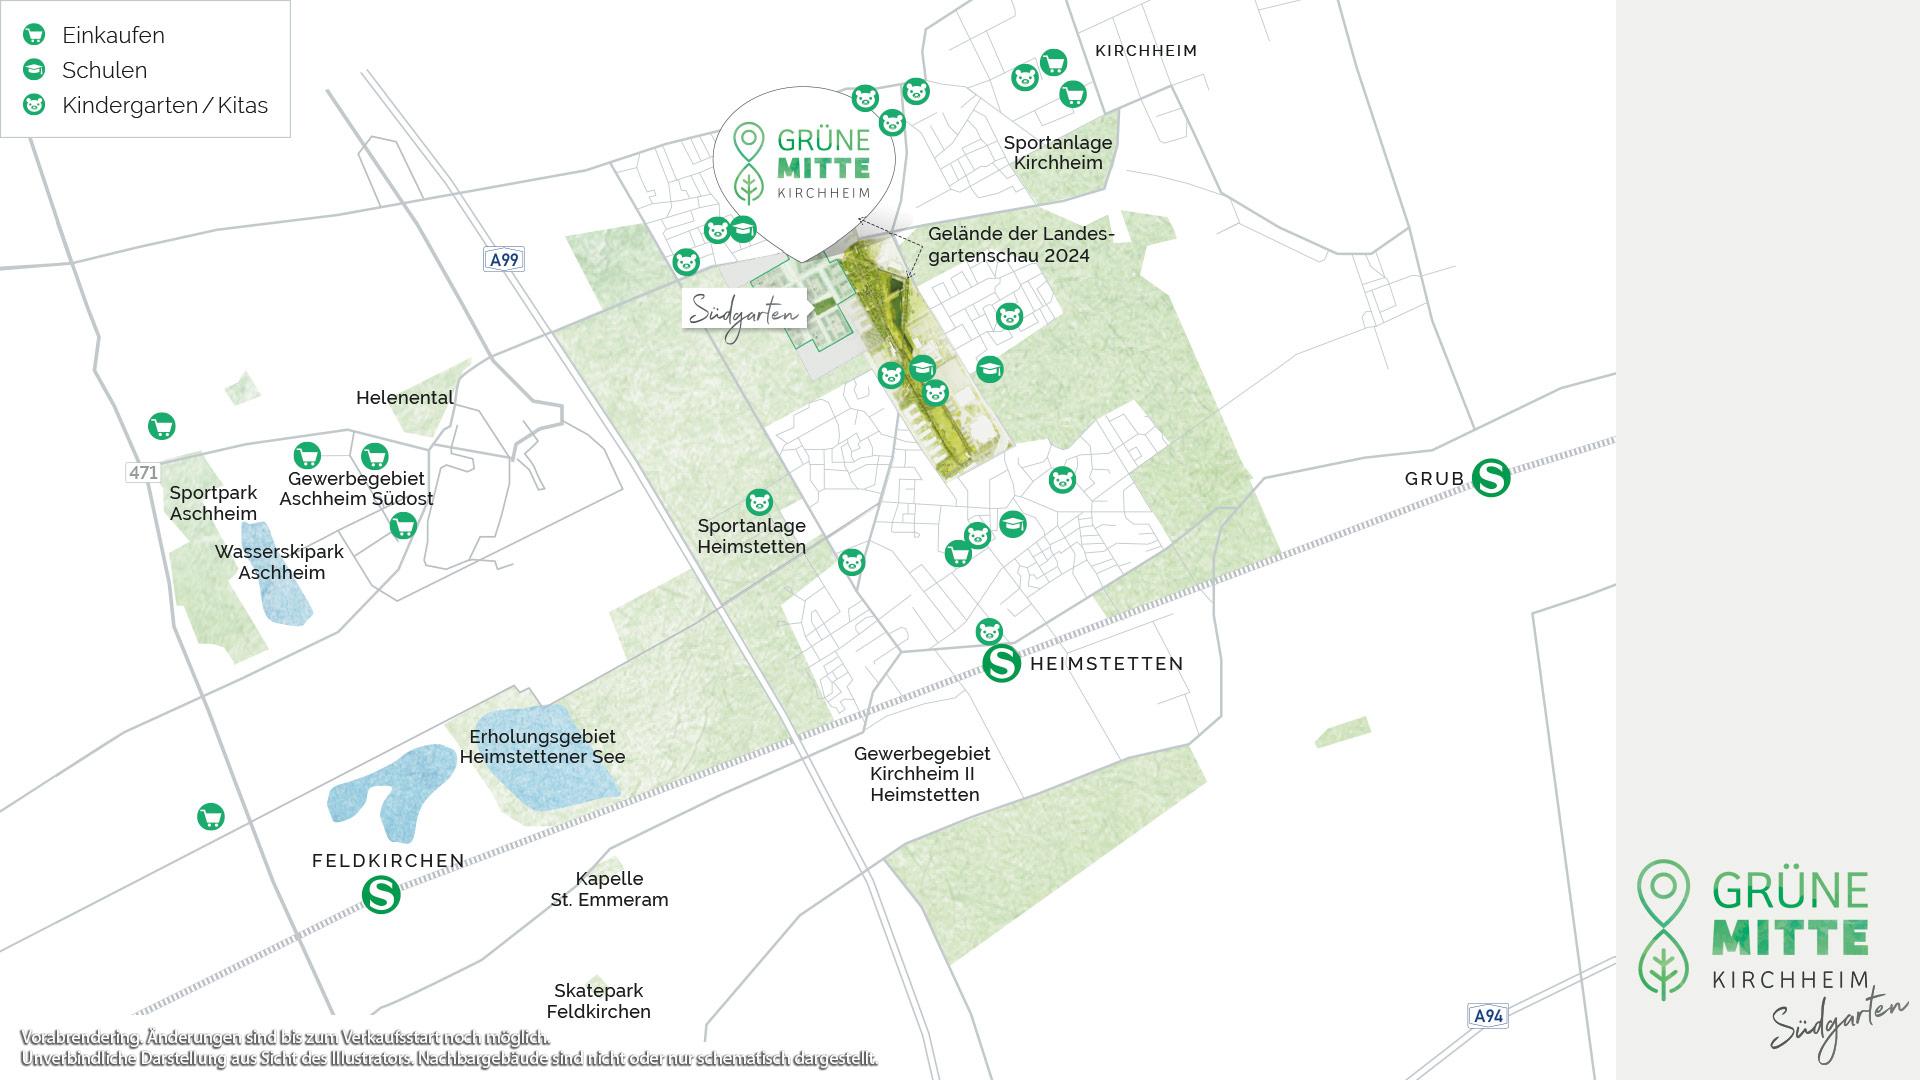 Immobilie Grüne Mitte Kirchheim - Suedgarten - Vorankündigung - Uebersichtsplan